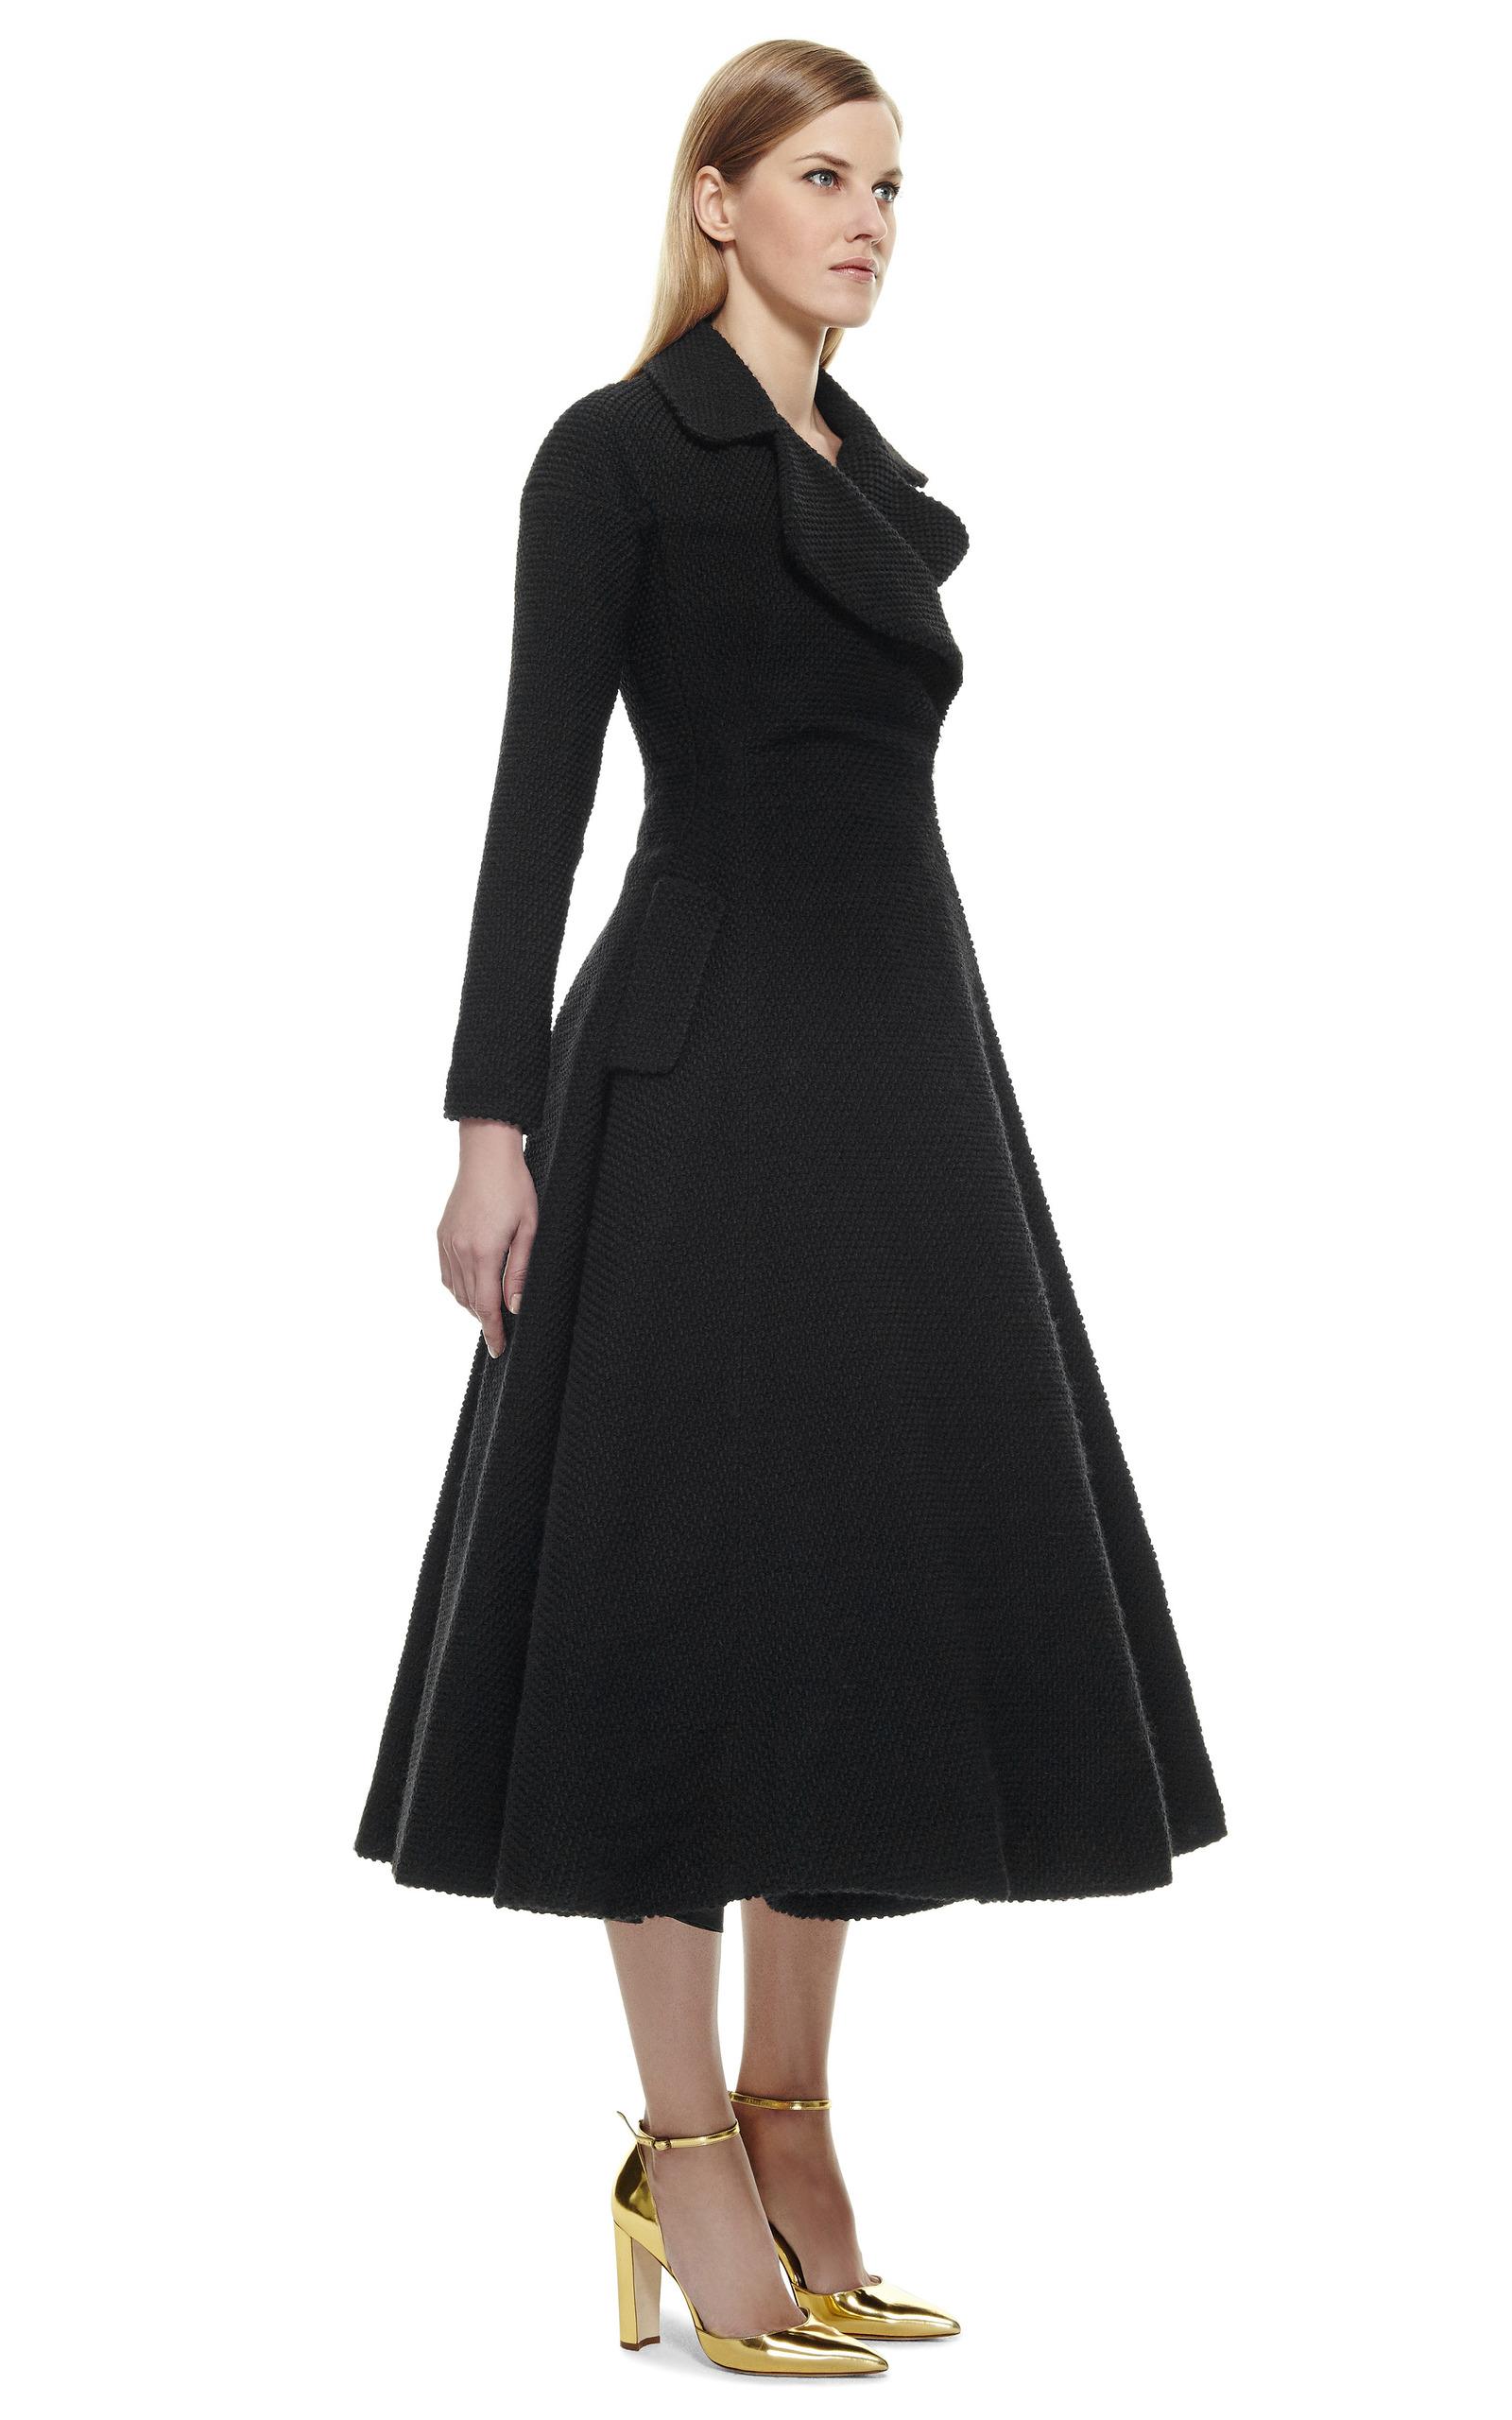 Coat Dresses Photo Album - Asianfashion